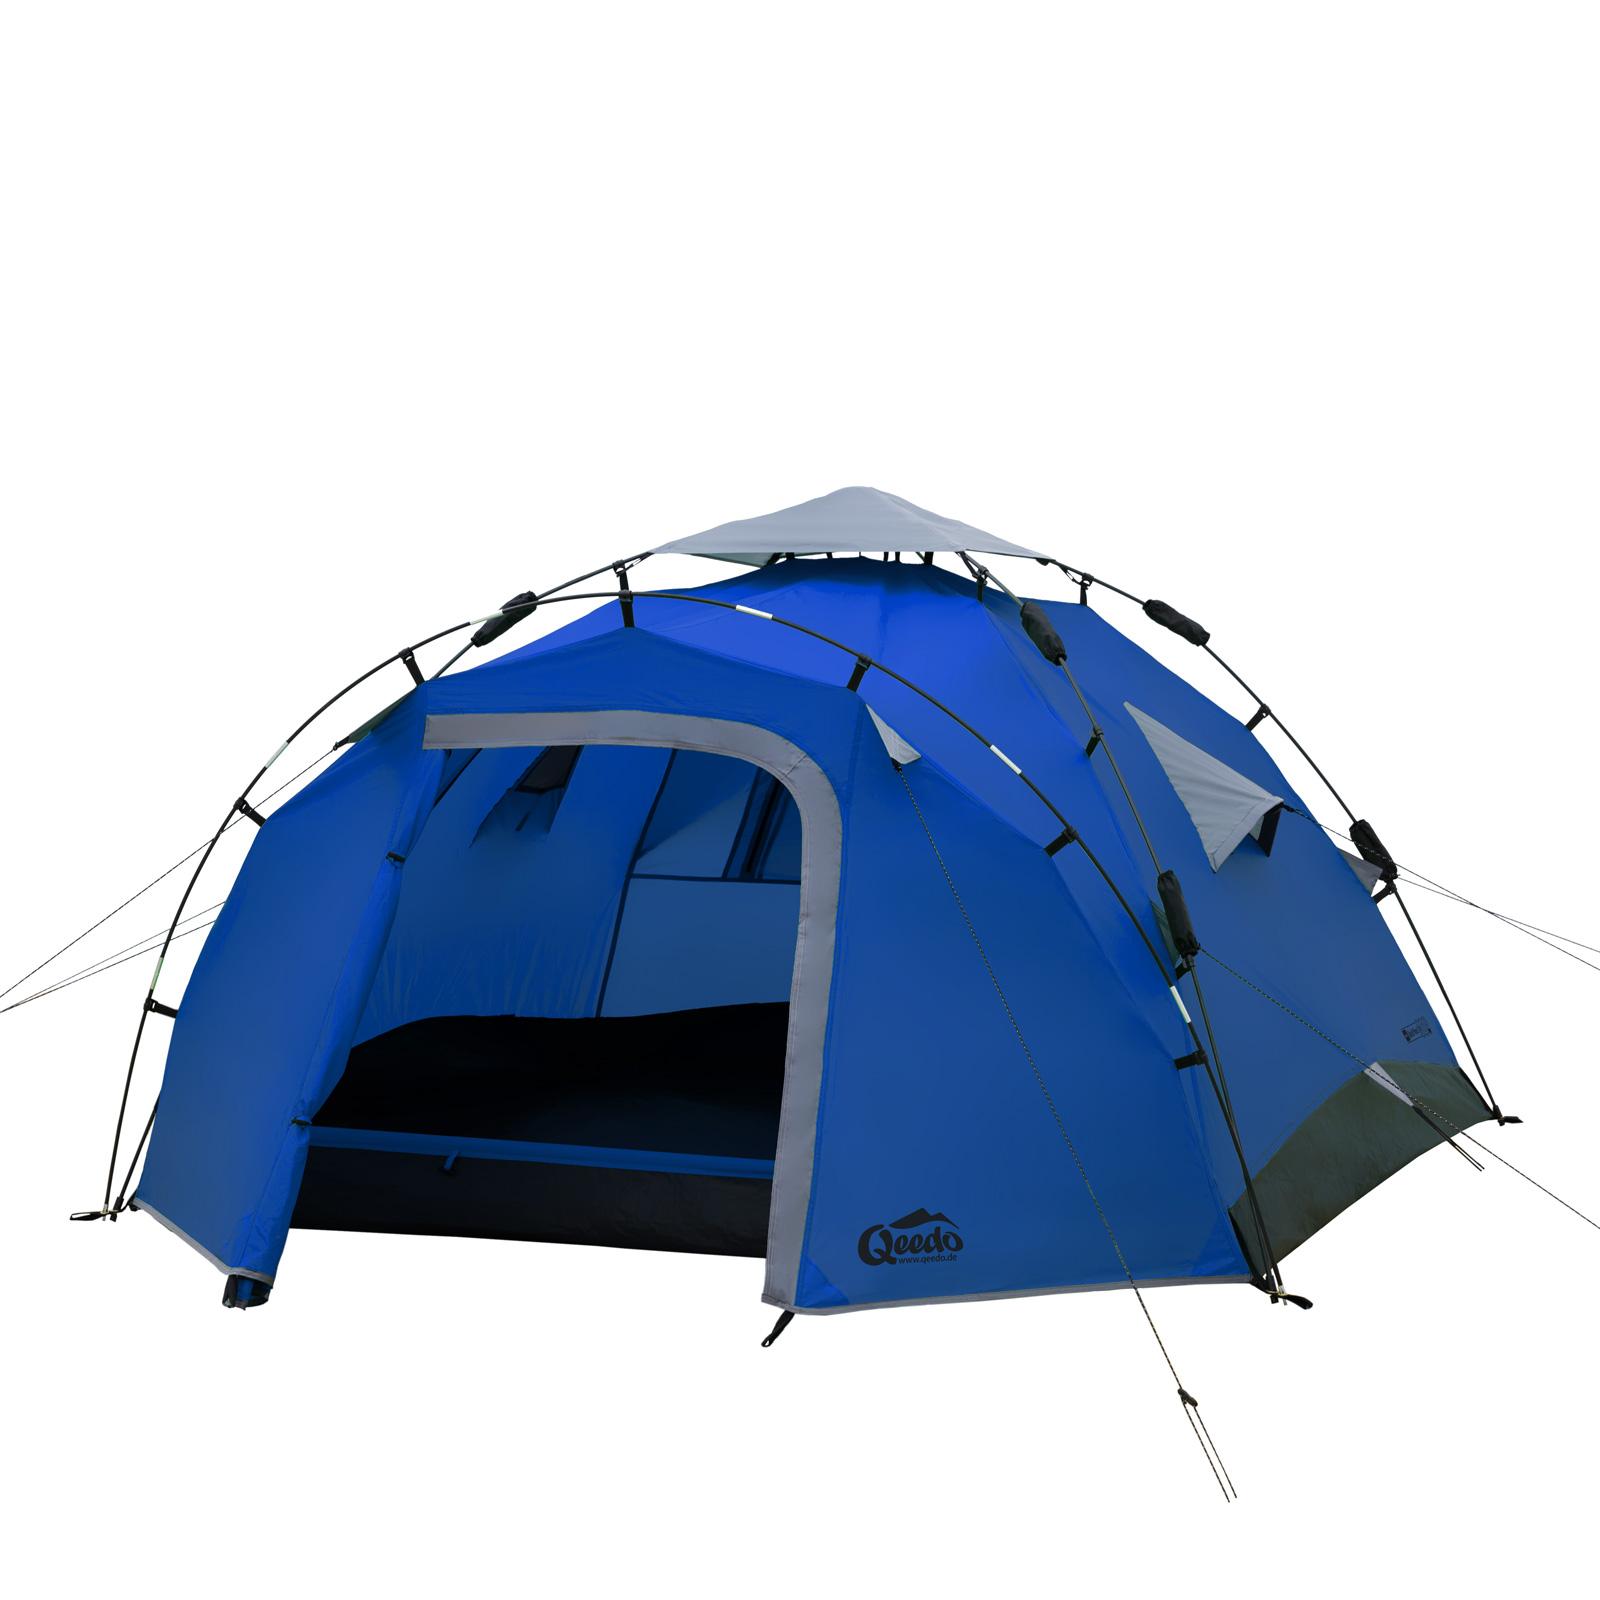 sekundenzelt qeedo quick pine 3 personen zelt campingzelt pop up zelt wurfzelt ebay. Black Bedroom Furniture Sets. Home Design Ideas